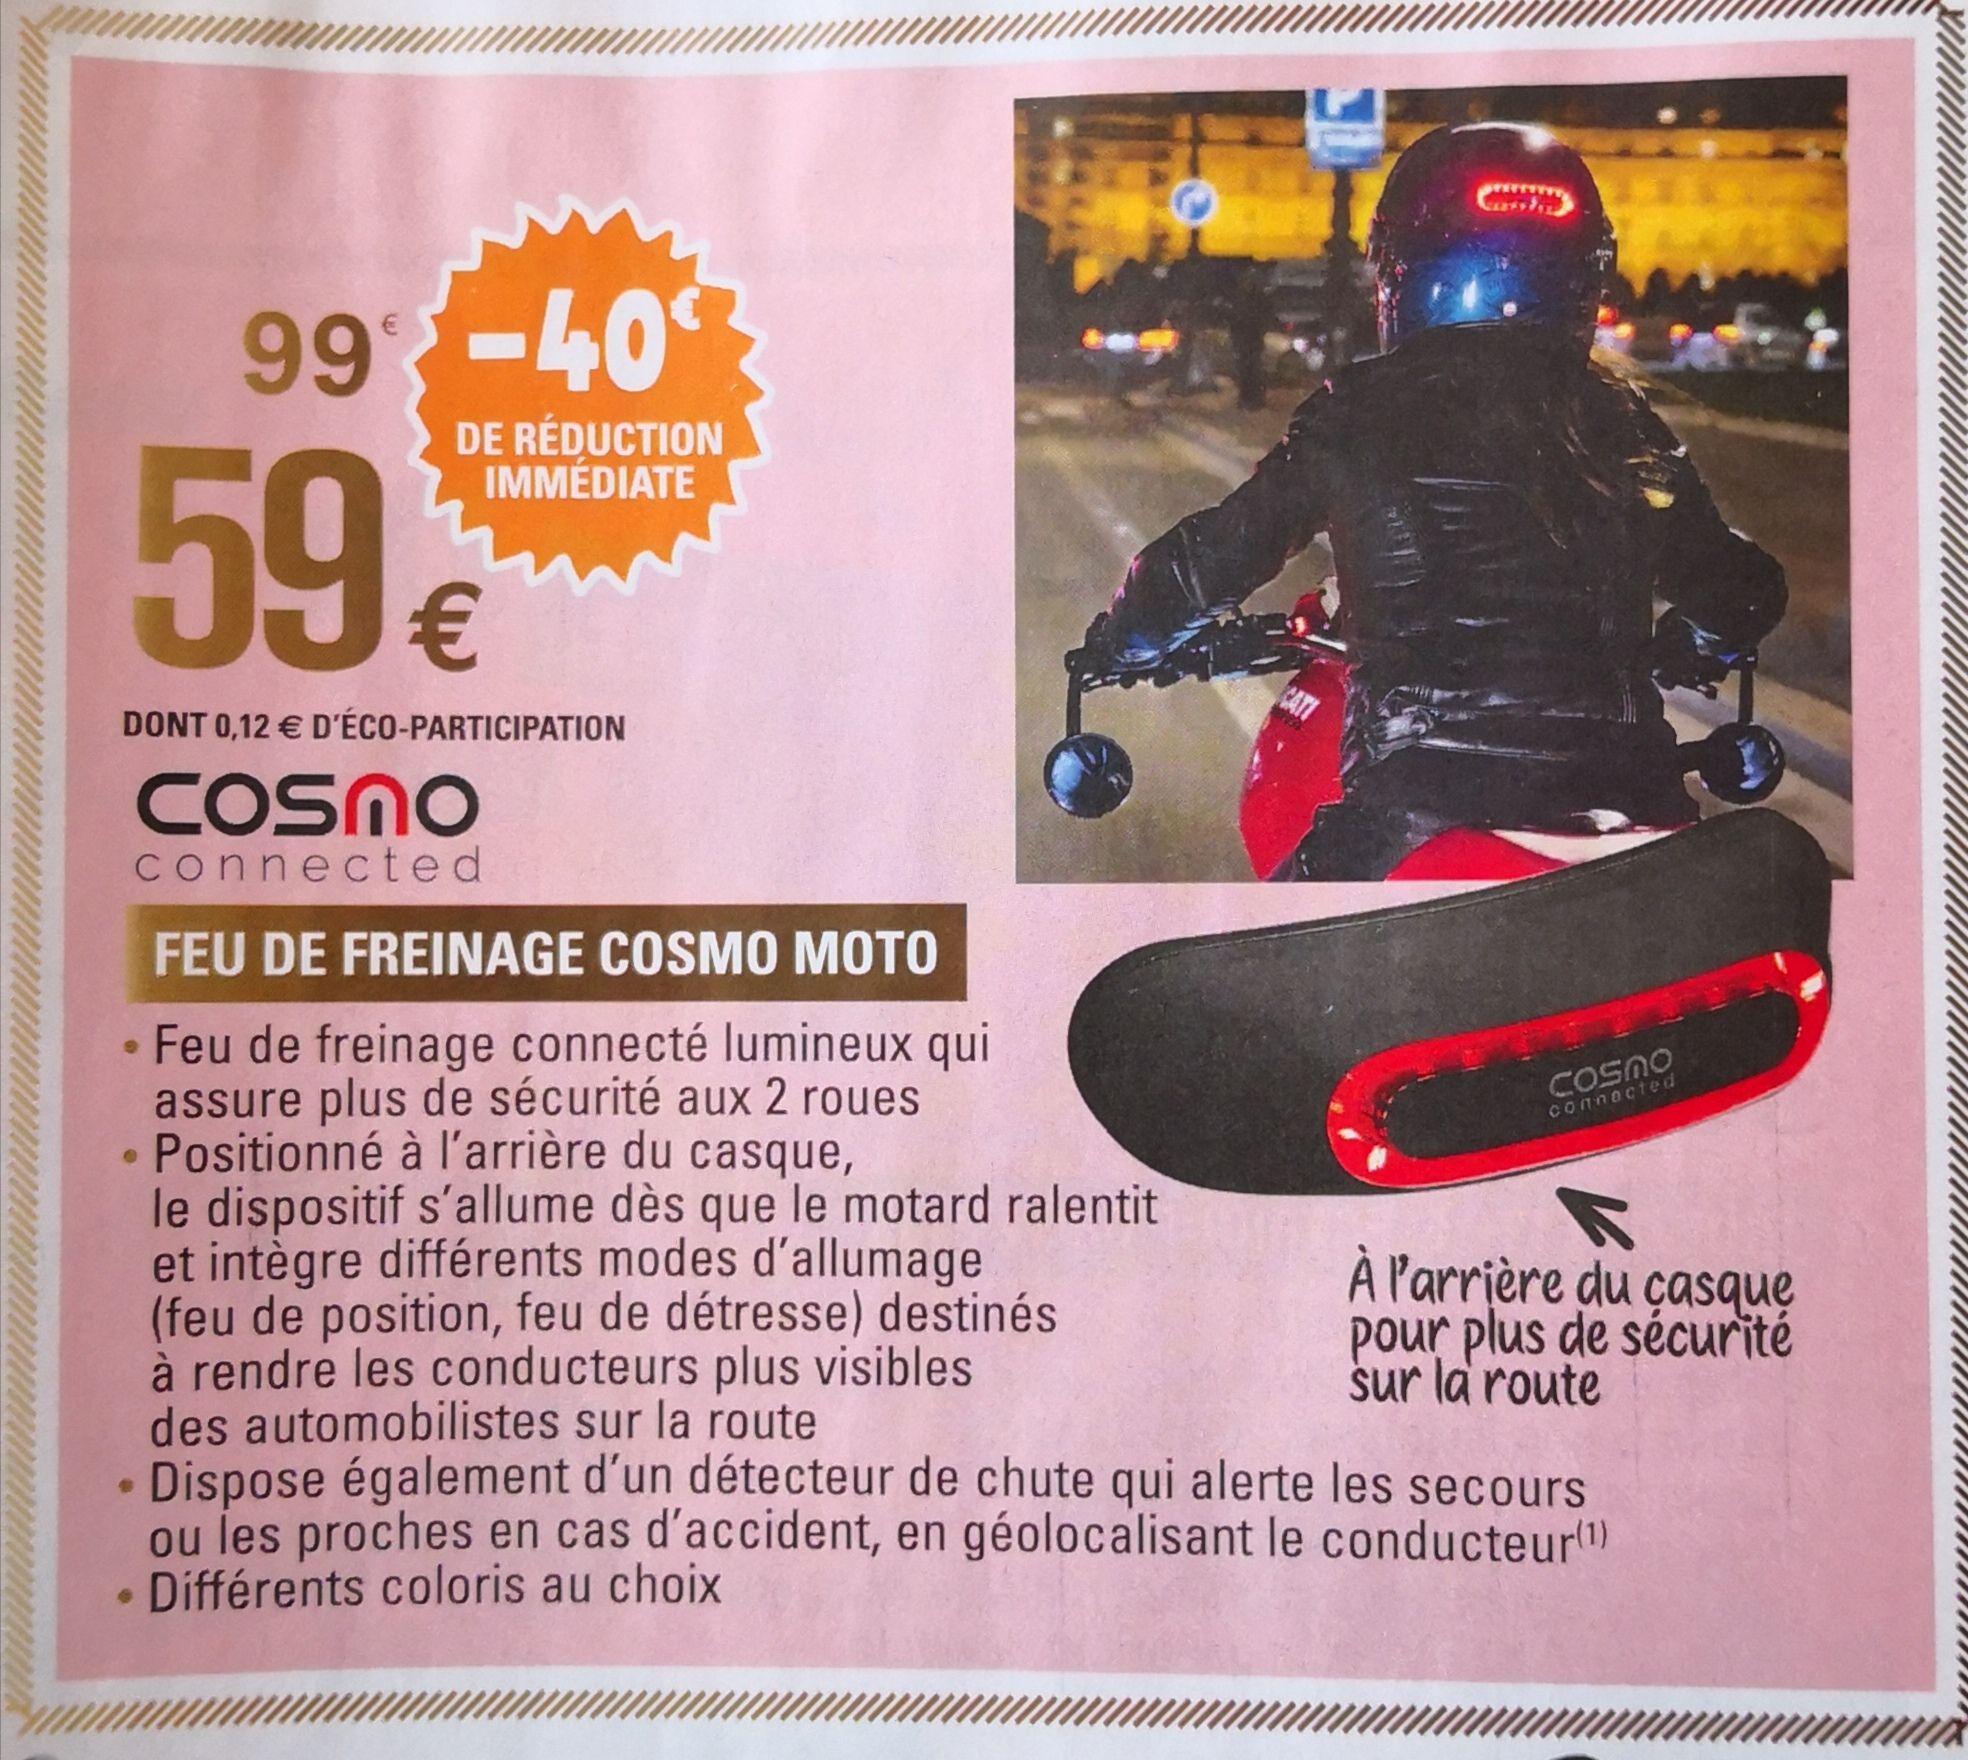 Feu de freinage cosmo pour Moto